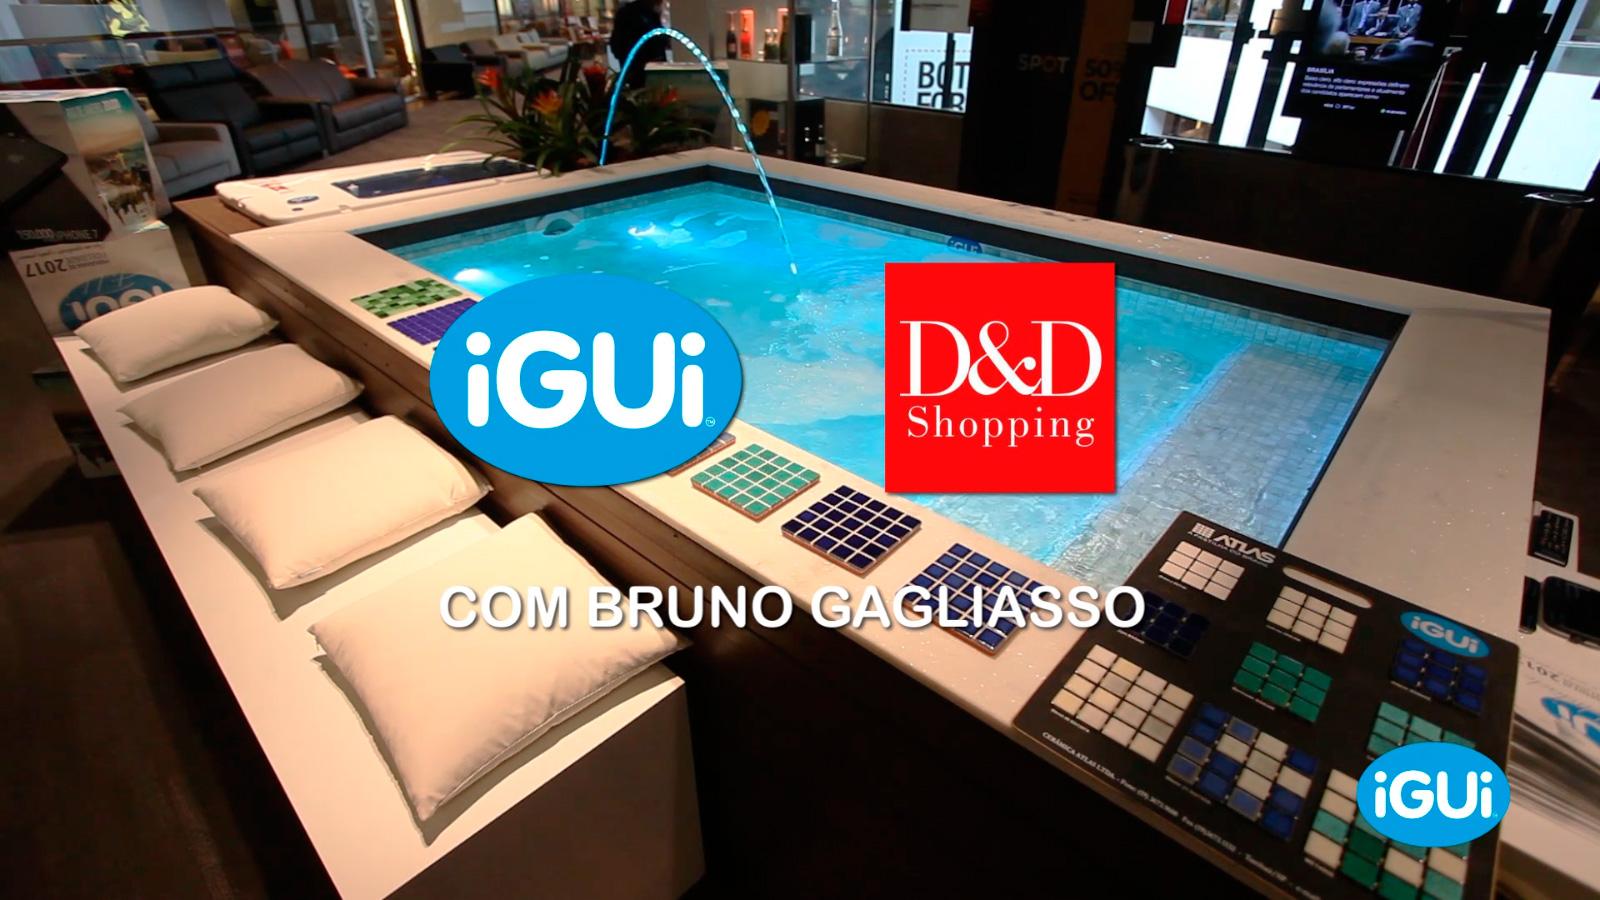 IGUI---BRUNO-GAGLIASSO-SHOPPING-D&D-SÃO-PAULO